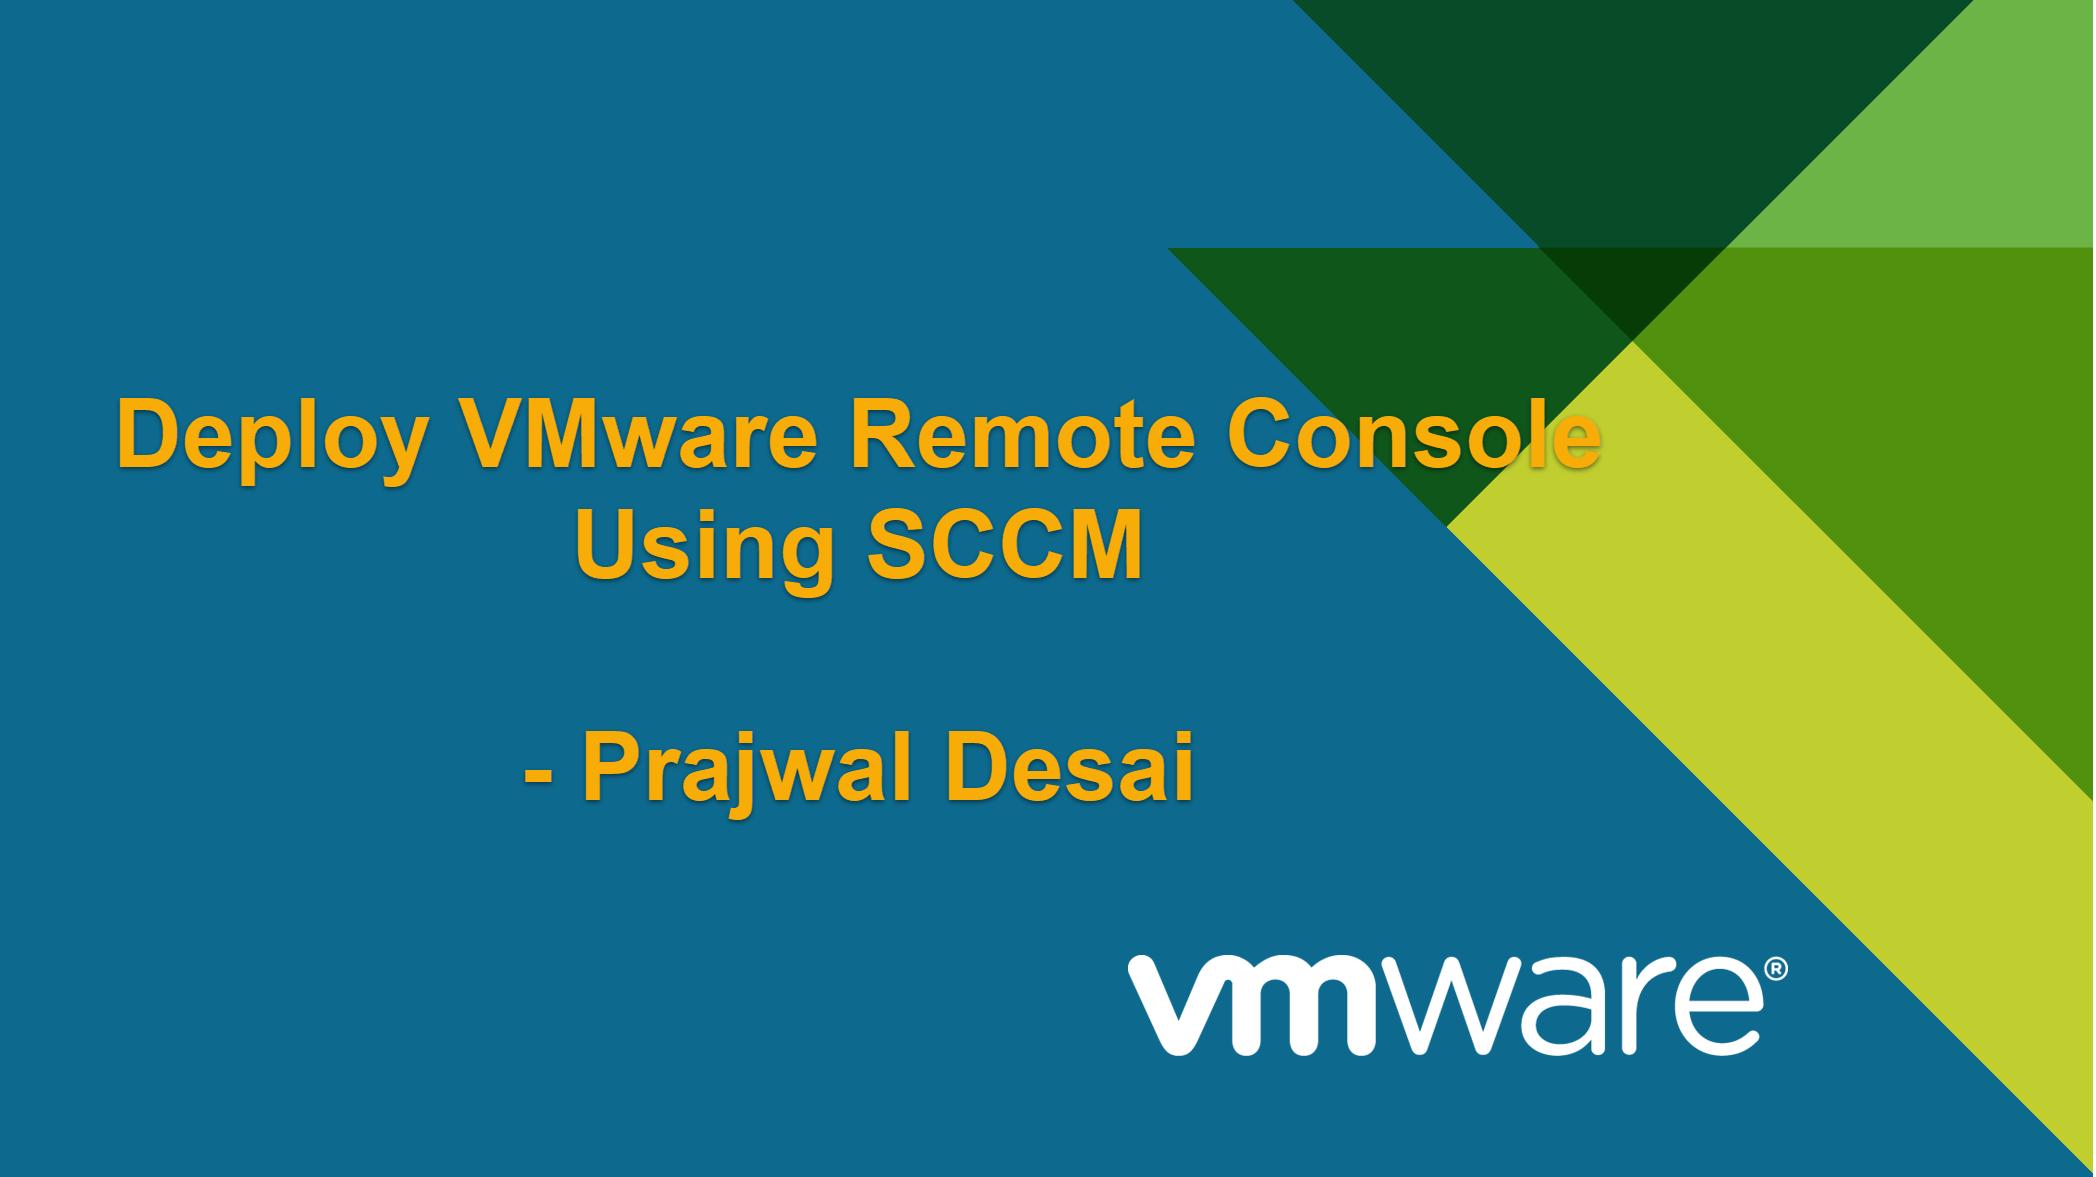 vmware remote console ftimg